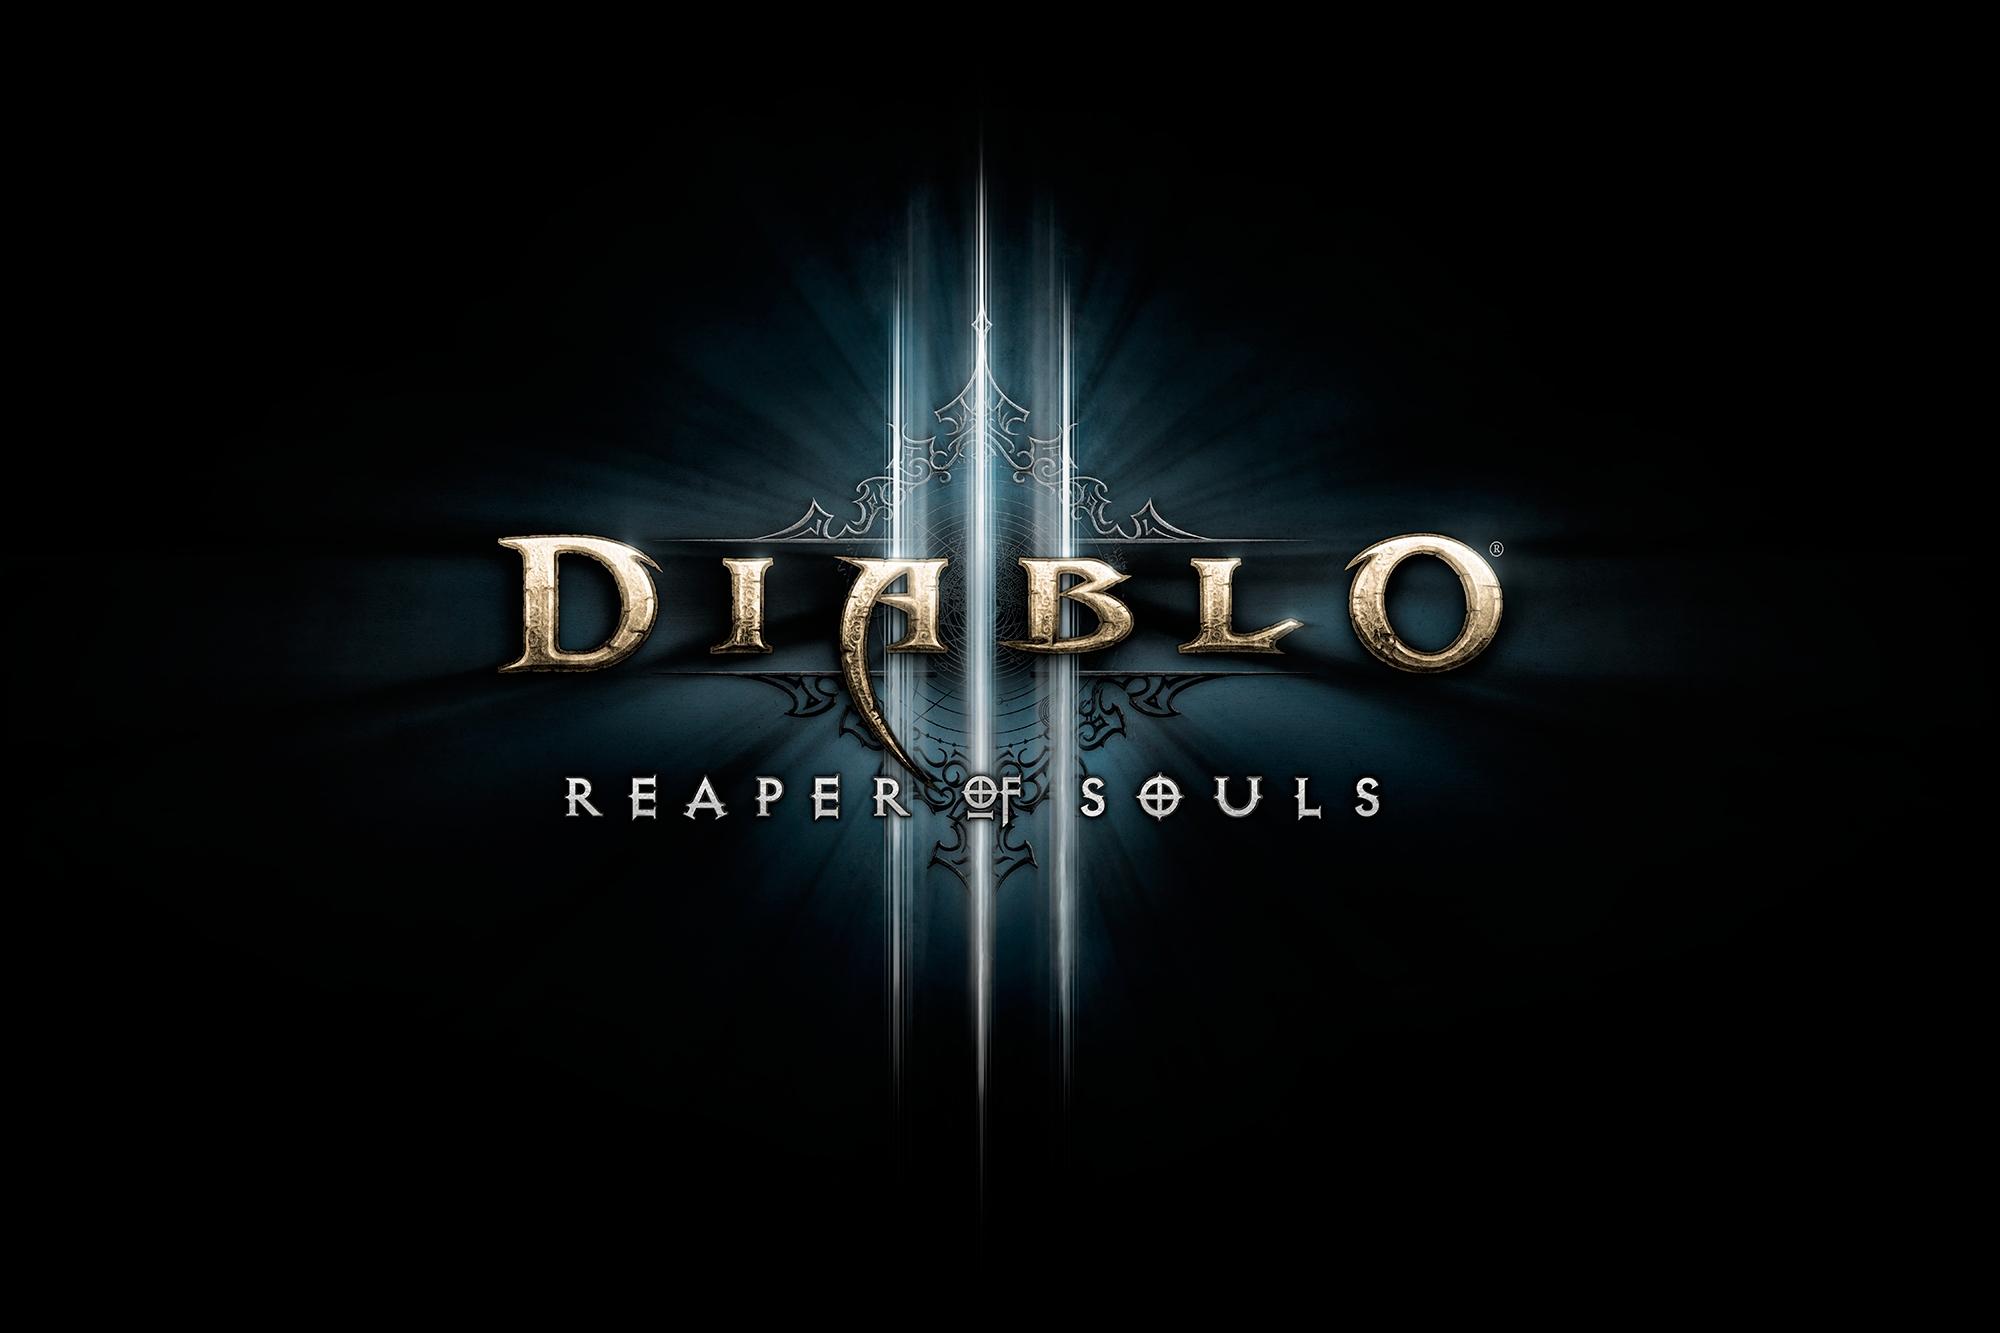 Diablo III Reaper of Souls Logo